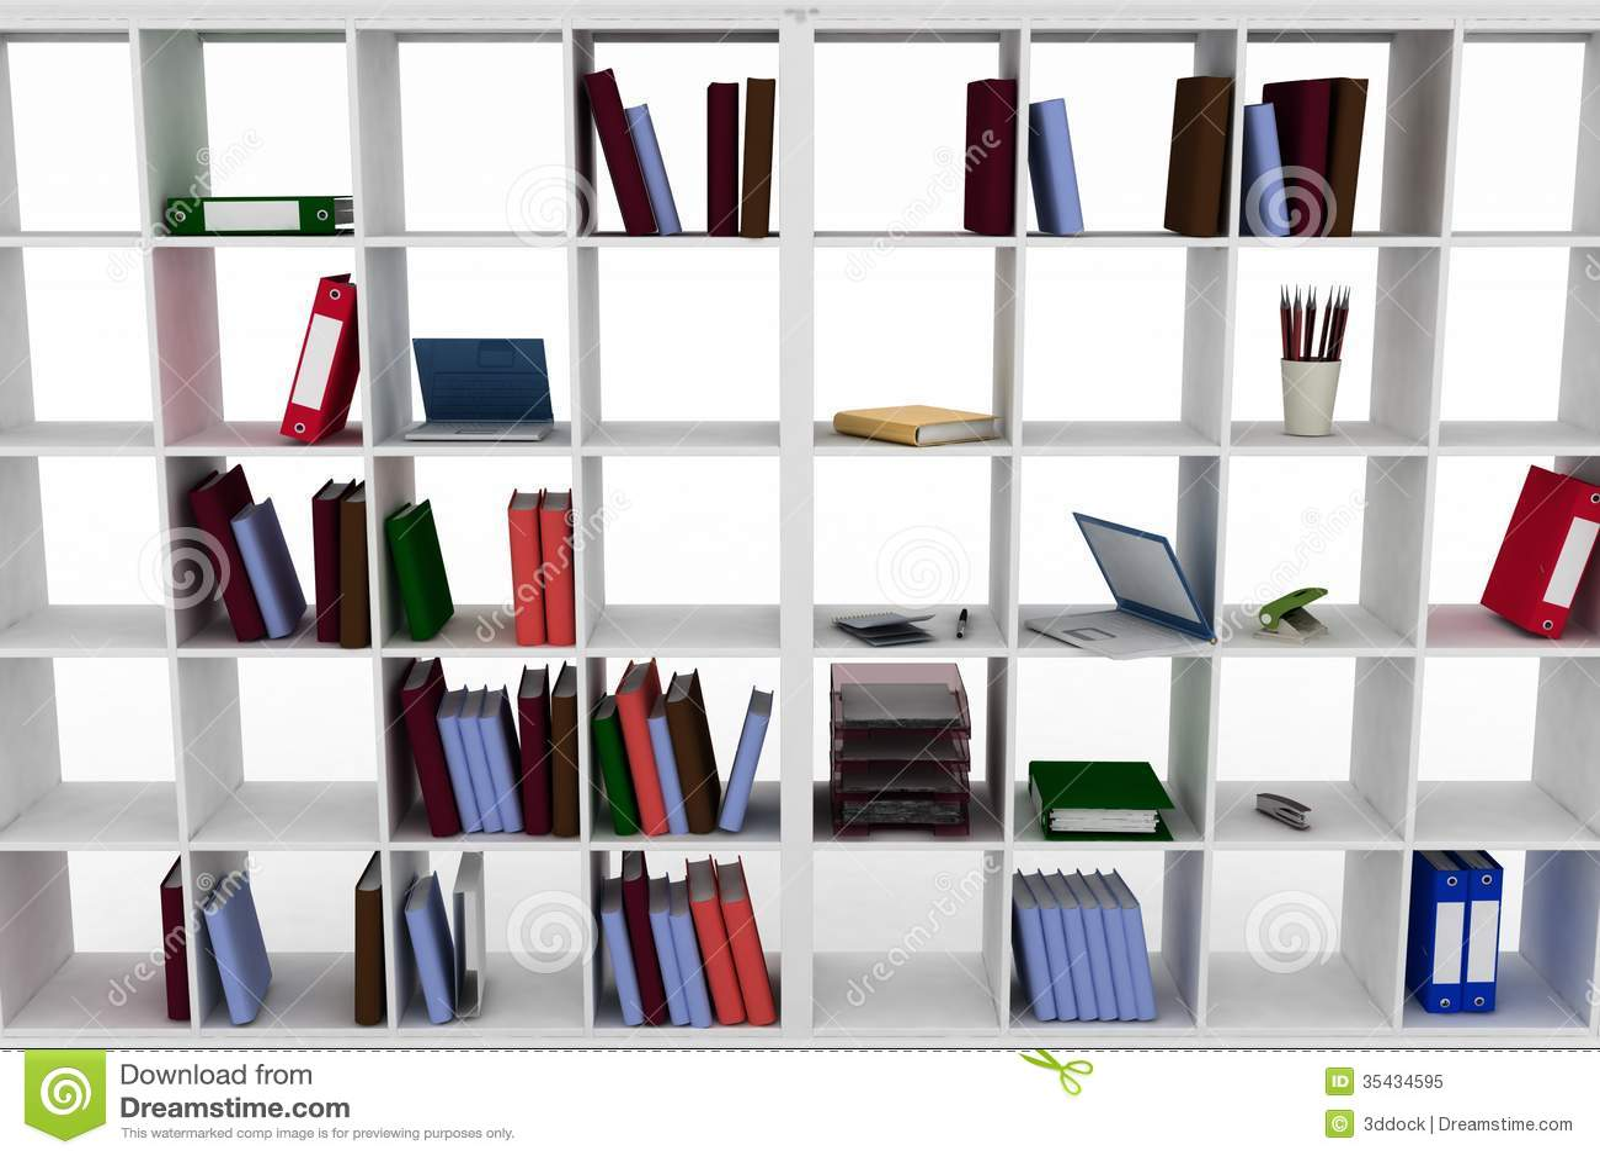 L 39 armadietto semplice con l 39 ufficio obietta sugli scaffali illustrazione di stock - Scaffali ufficio ikea ...